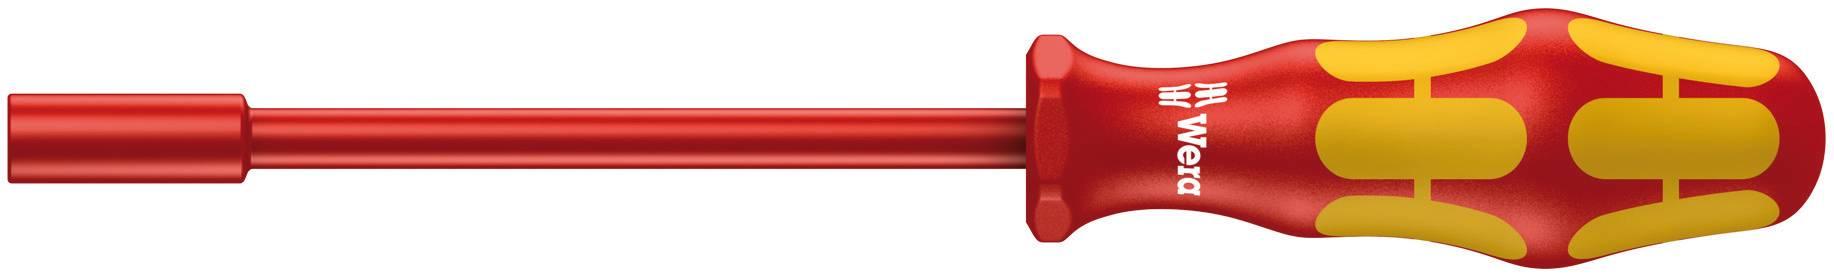 Šestihranný nástrčný klíč VDE Wera, 9 mm